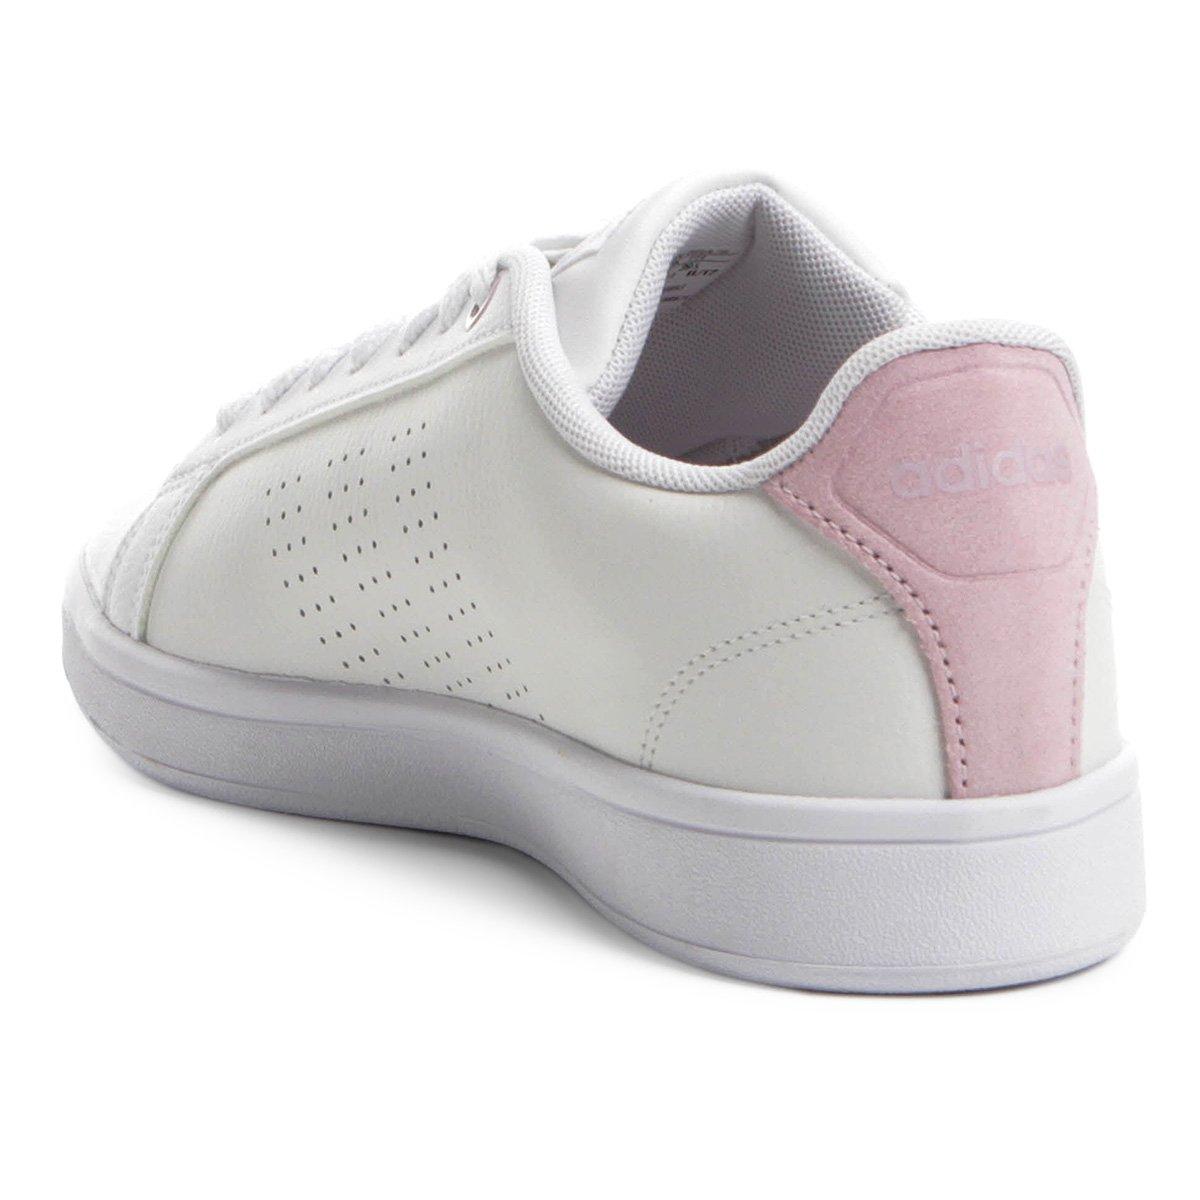 ... Tênis Adidas Cf Advantage Clean Feminino - Branco e Rosa - Compre . 6e075006f72c3